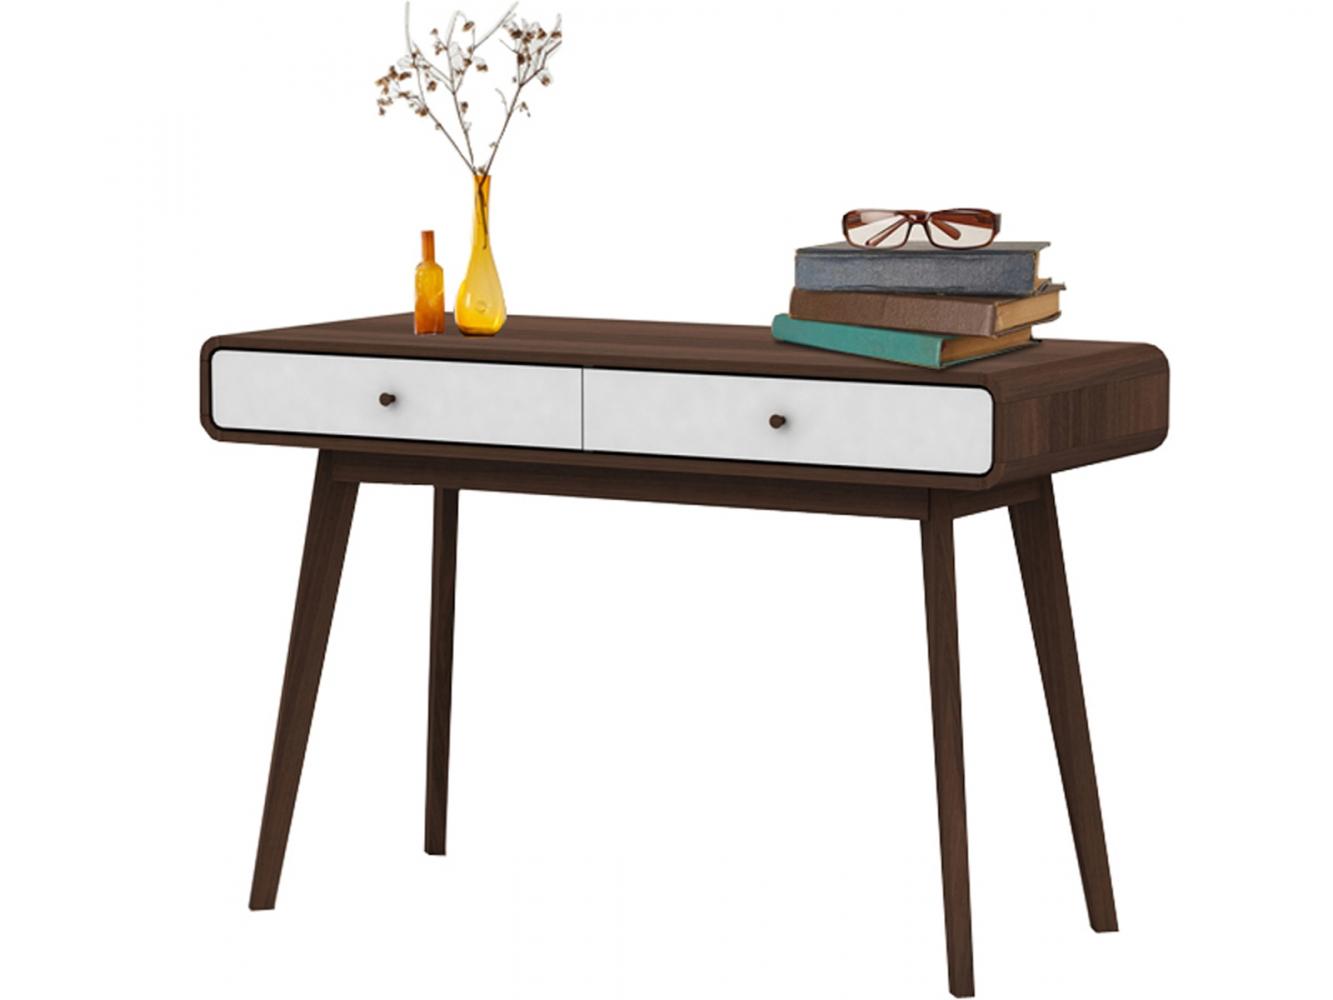 Pracovní stůl Calin, 120 cm, ořechová